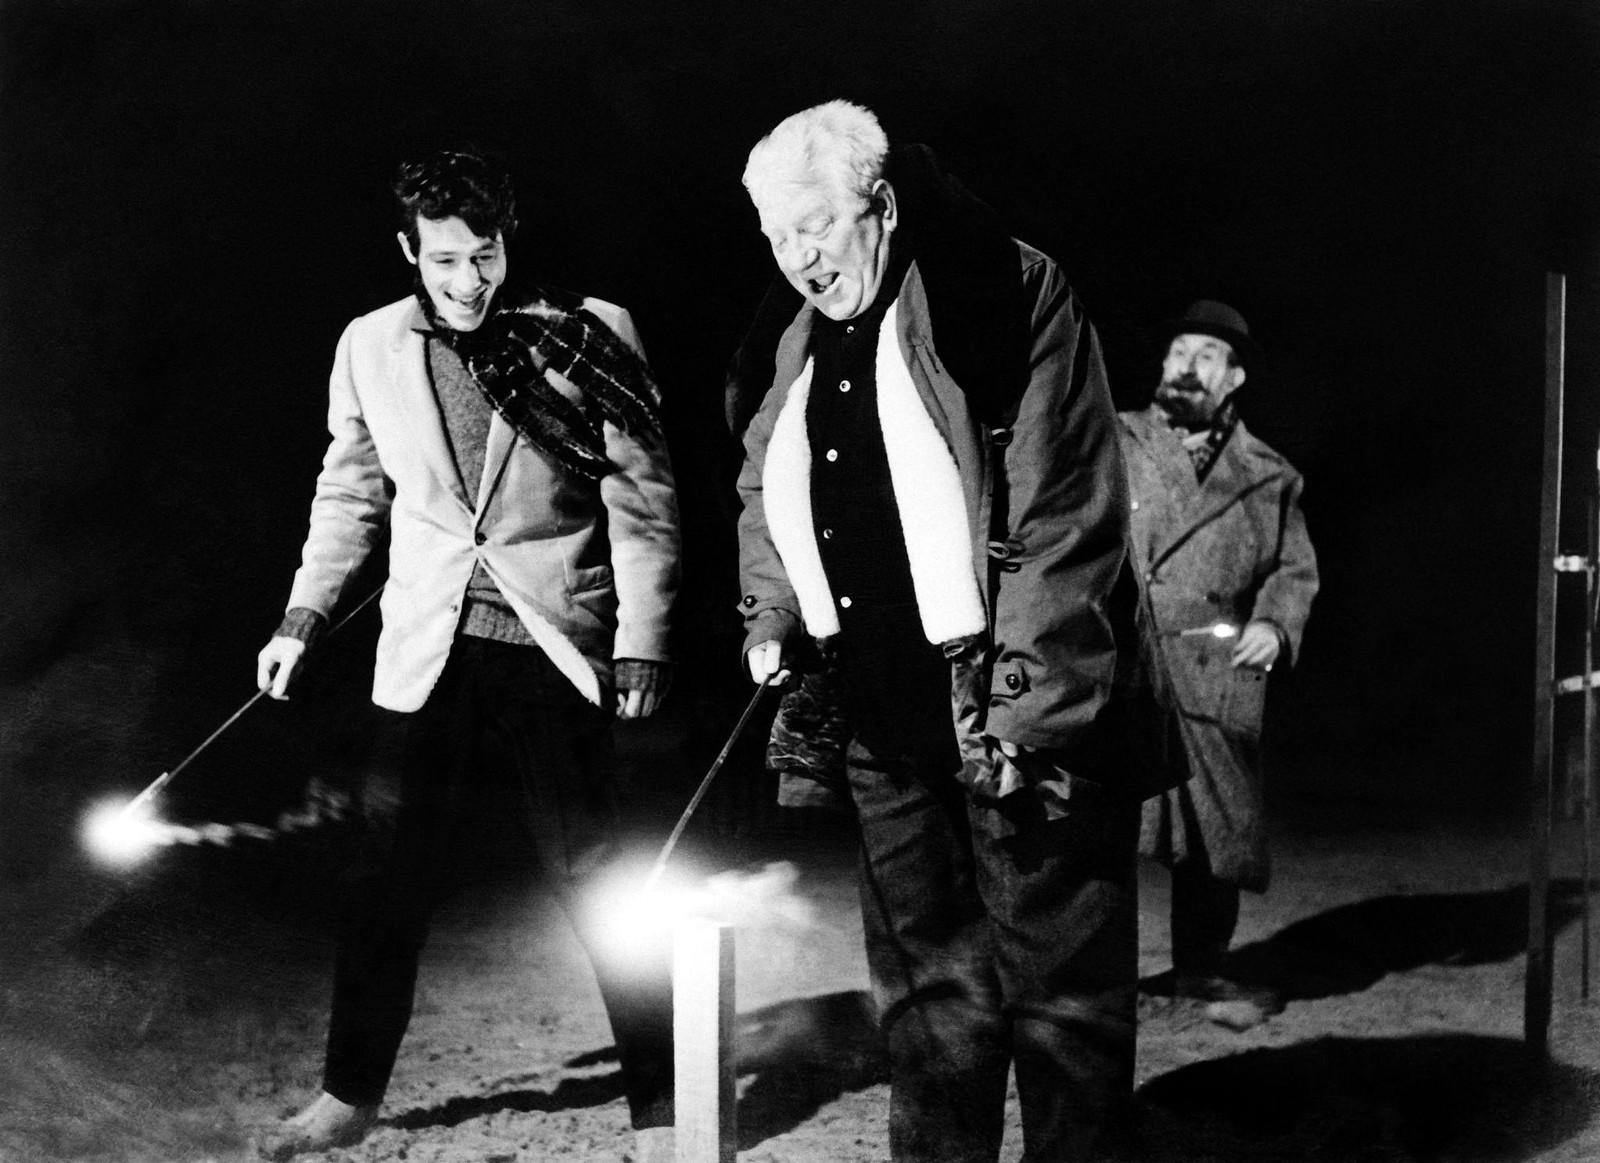 1962. Жан Габен и Жан-Поль Бельмондо  на съемках фильма «Обезьяна зимой» режиссера Анри Вернея